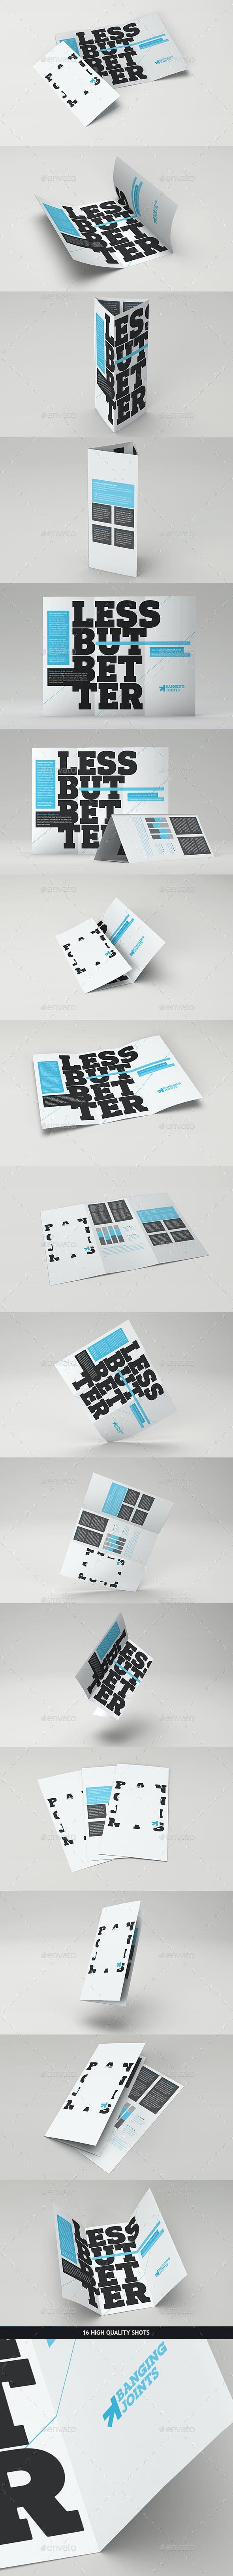 Trifold Brochure Mock-Up Pack - Brochures Print